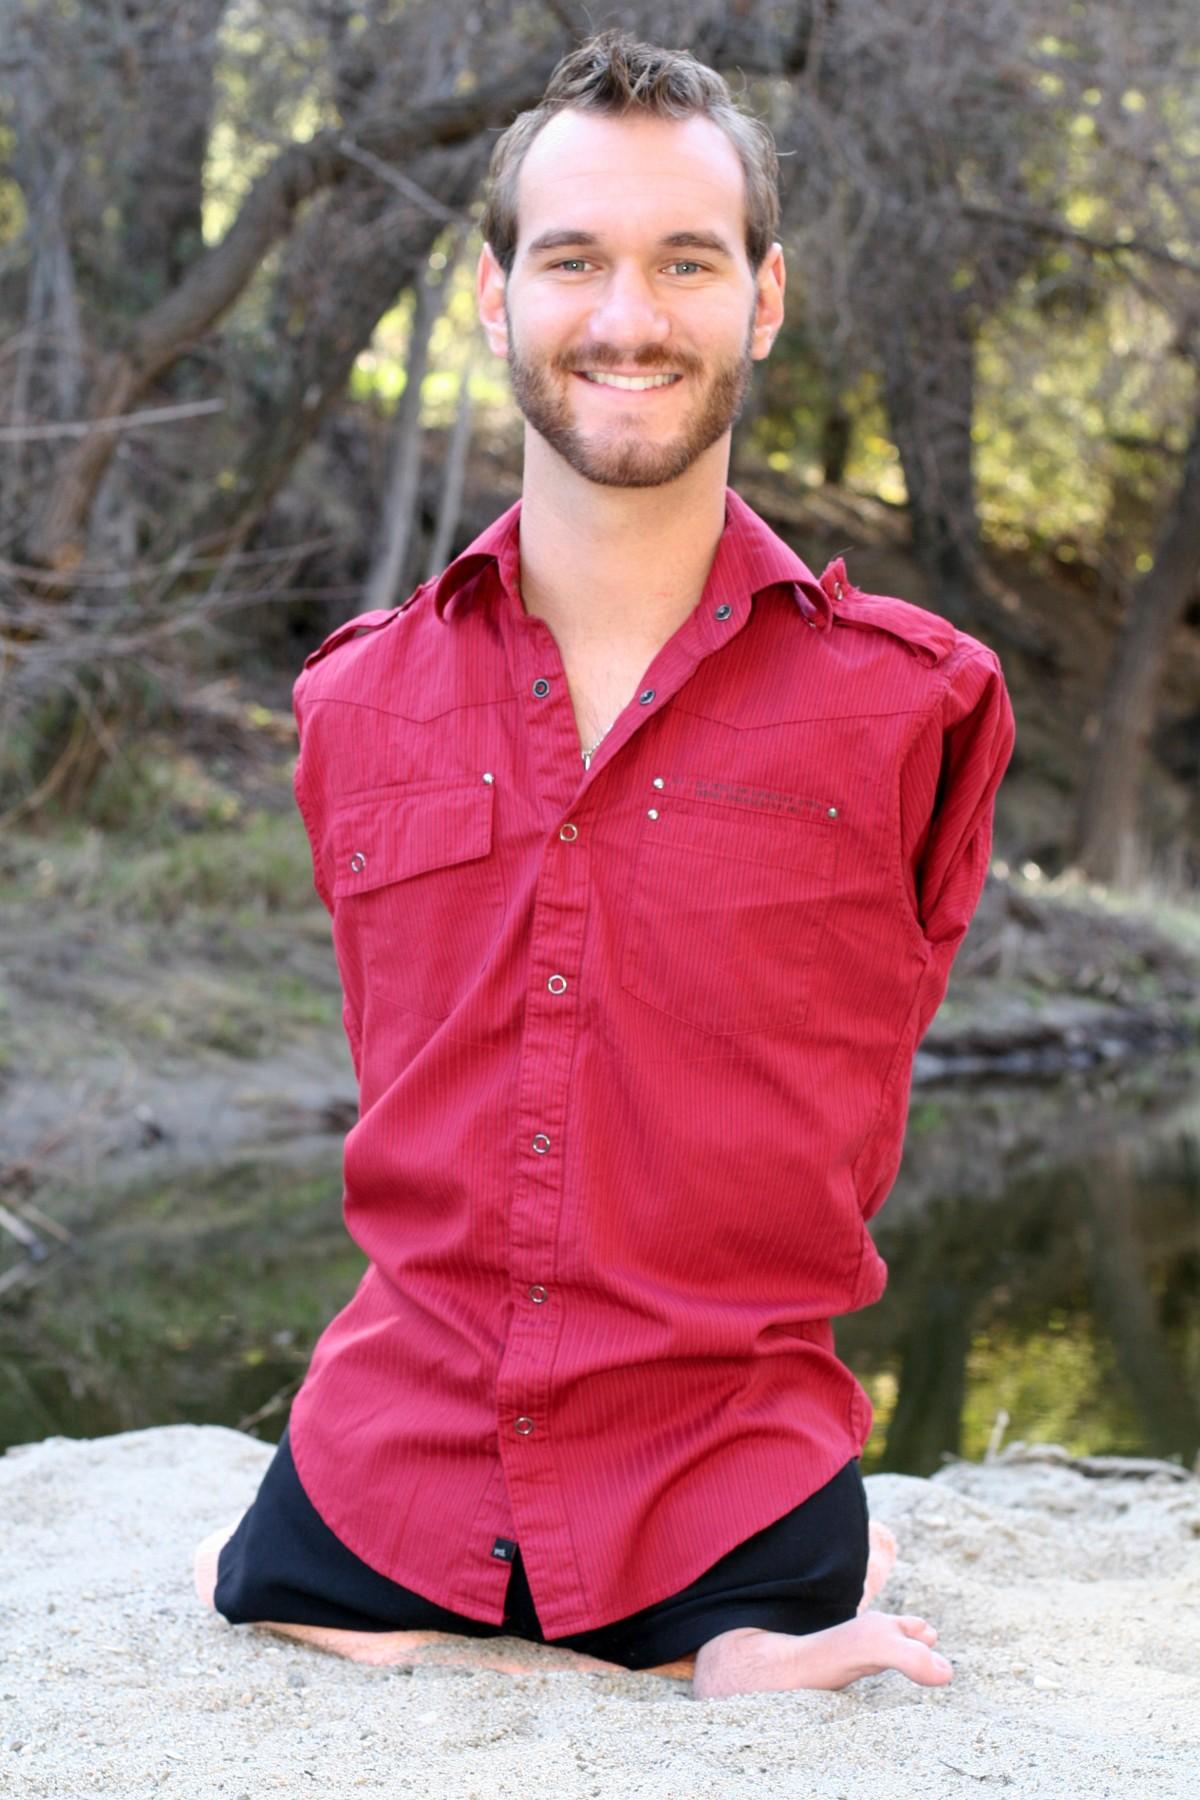 Nick Vujicic, fokomeli denen, bebeklerde kol ve bacakların tam olarak gelişmemekle birlikte birbirine yapışık olarak oluşmasına neden olan, fiziksel hareketleri müthiş ölçüde kısıtlayan bir hastalığa sahip Avusturalyalı bir motivasyonel konuşmacıdır. 1982 doğumlu olan ve kolları ve bacakları hiç bulunmayan Vujicic, 19 yaşında konuşmalar vermeye başlamıştır, 30 yaşında ise evlenerek 2 çocuk sahibi olmayı başarmıştır. Vujicic vakasında da görülebileceği gibi, söz konusu insanlardaki hastalıklar olduğunda tıp ve teknoloji sayesinde son derece kısıtlayıcı durumlar bile aşılabilmektedir.